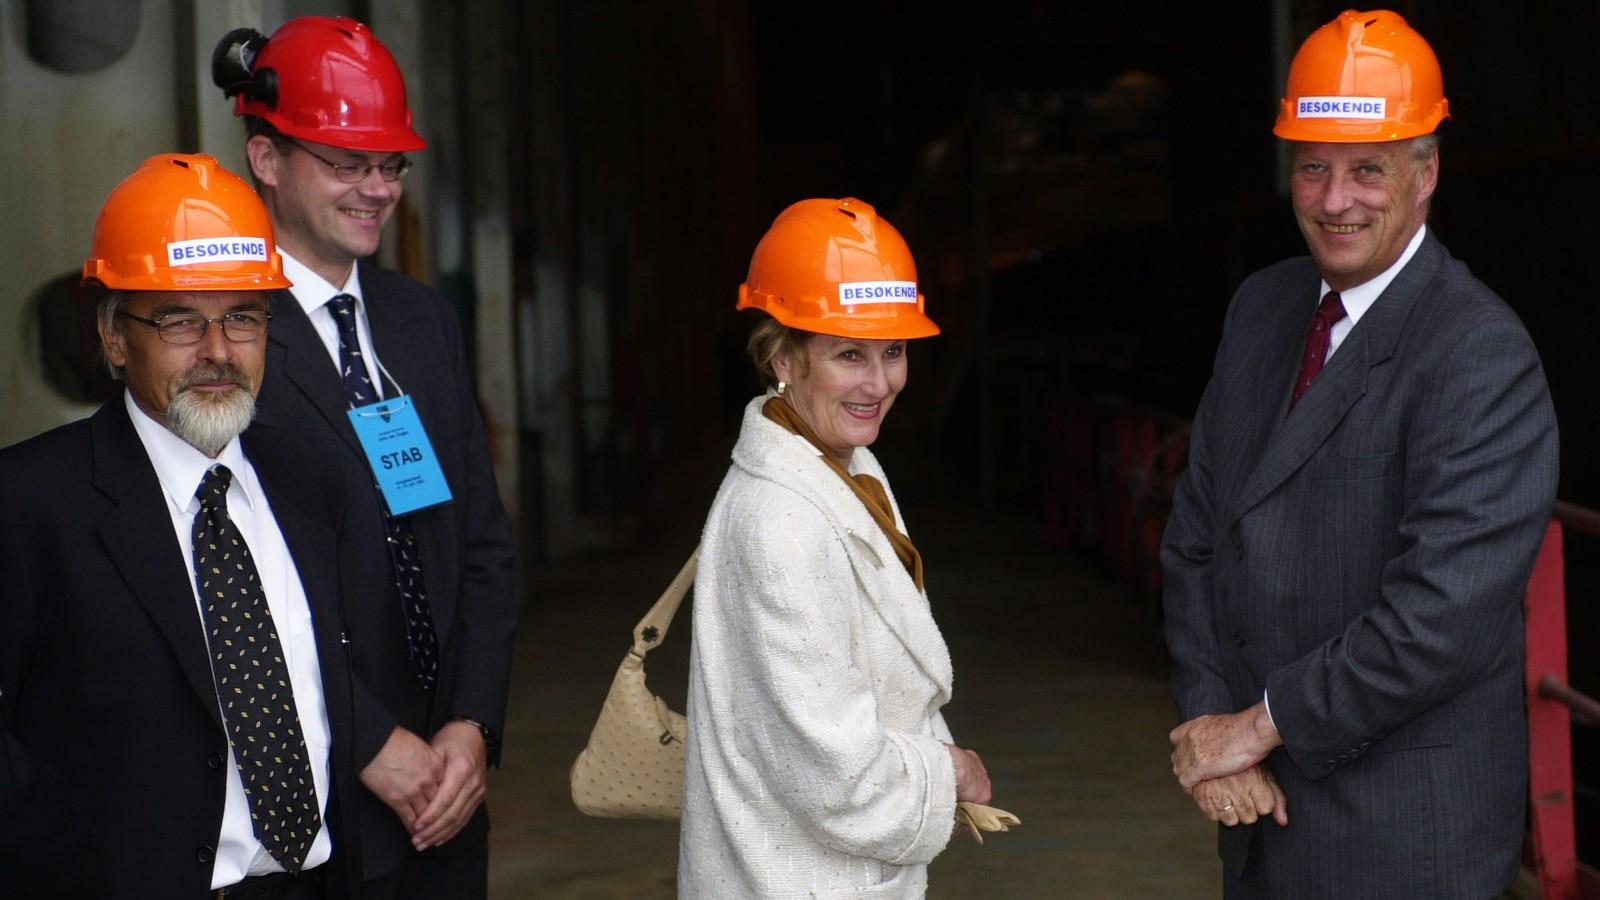 HYLLESTAD: 11. juni 2002 var kongeparet i Hyllestad der dronning Sonja opna kvernsteinsparken. Men dei fekk også tid til ei omvisning på skipsverftet i Leirvik. F.v.: Ordfører Harry Mowatt, direktør Arne Jan Engen, dronning Sonja og kong Harald.